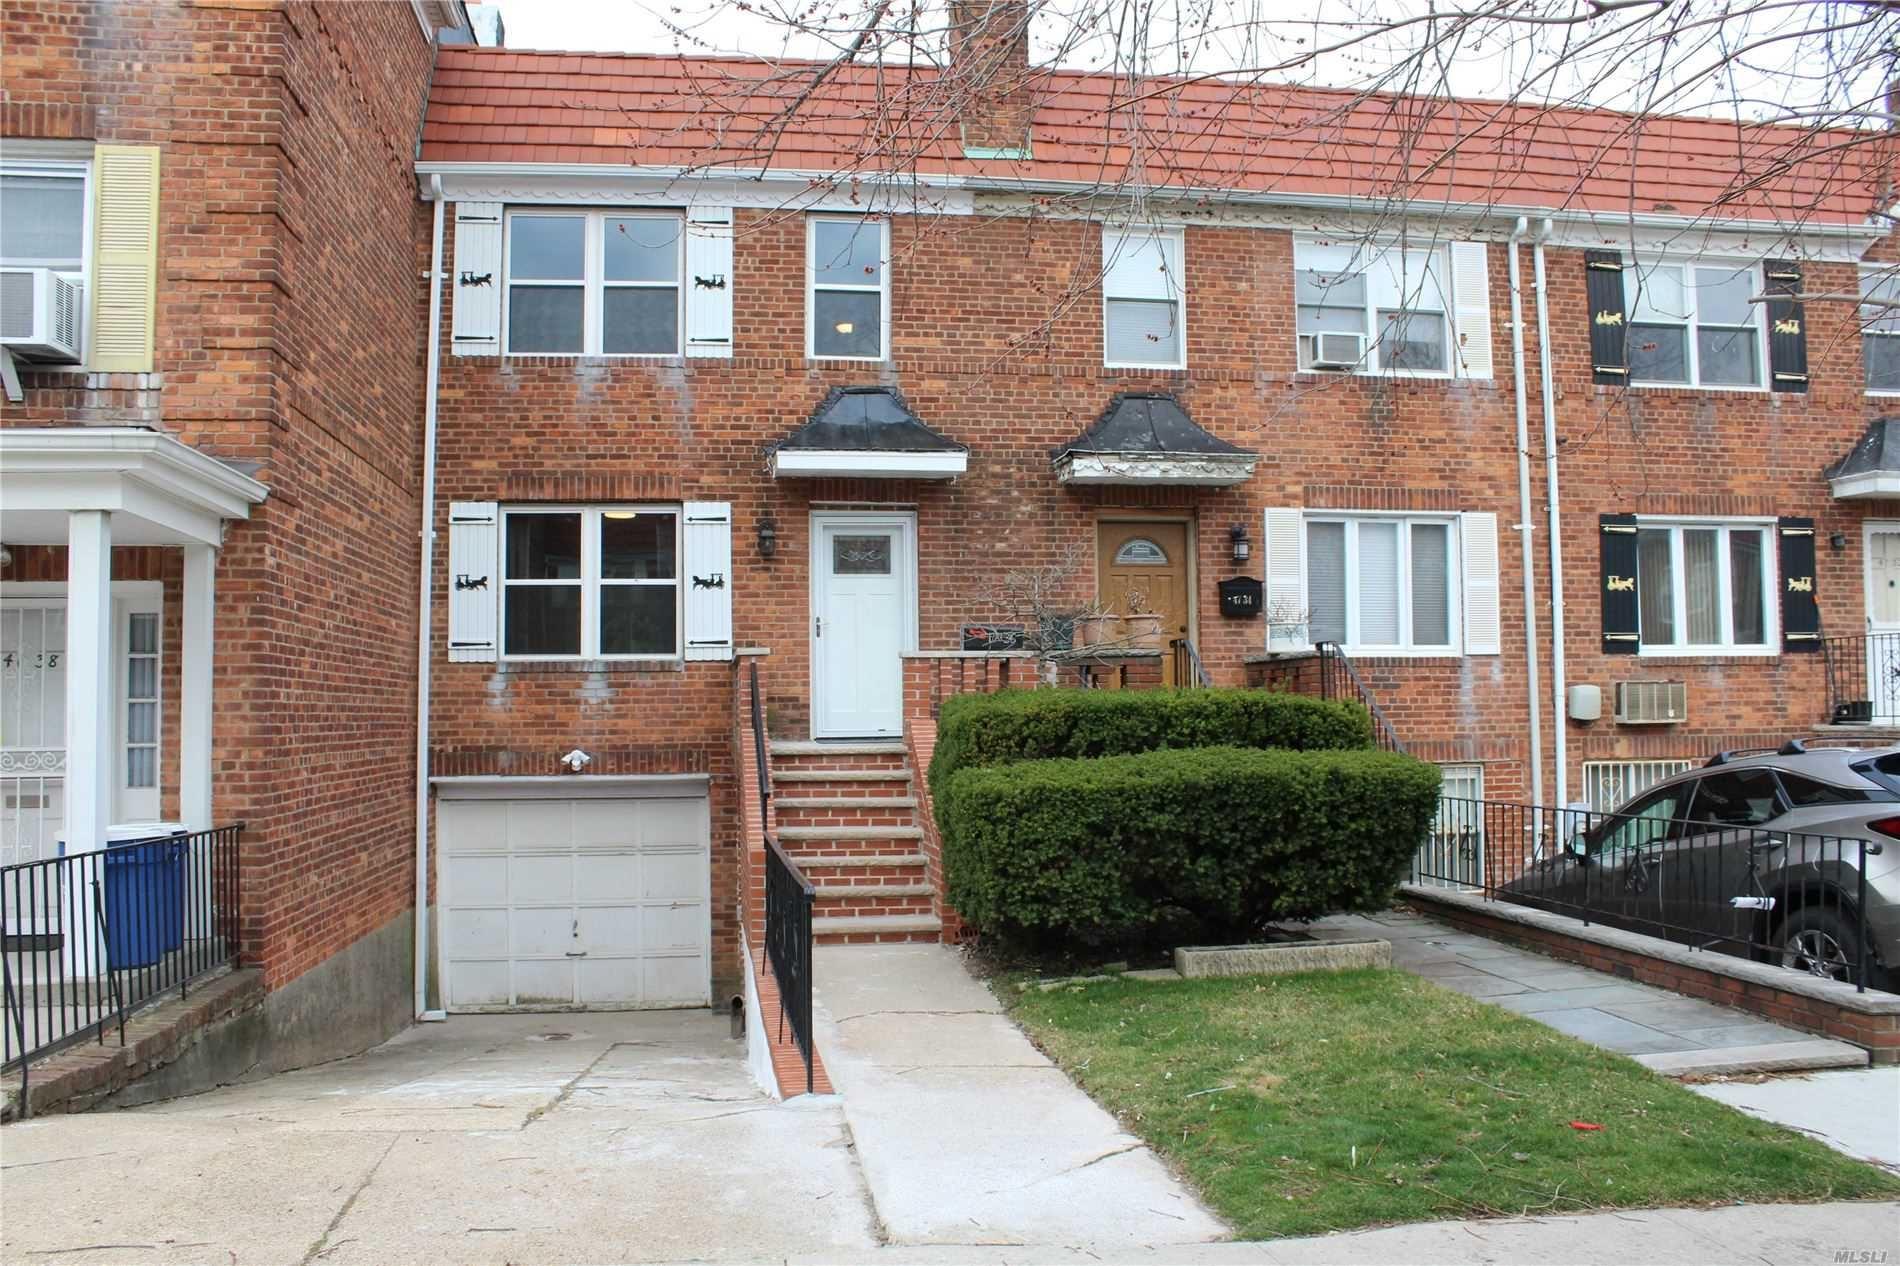 47-36 215th Street, Bayside, NY 11361 - MLS#: 3210616